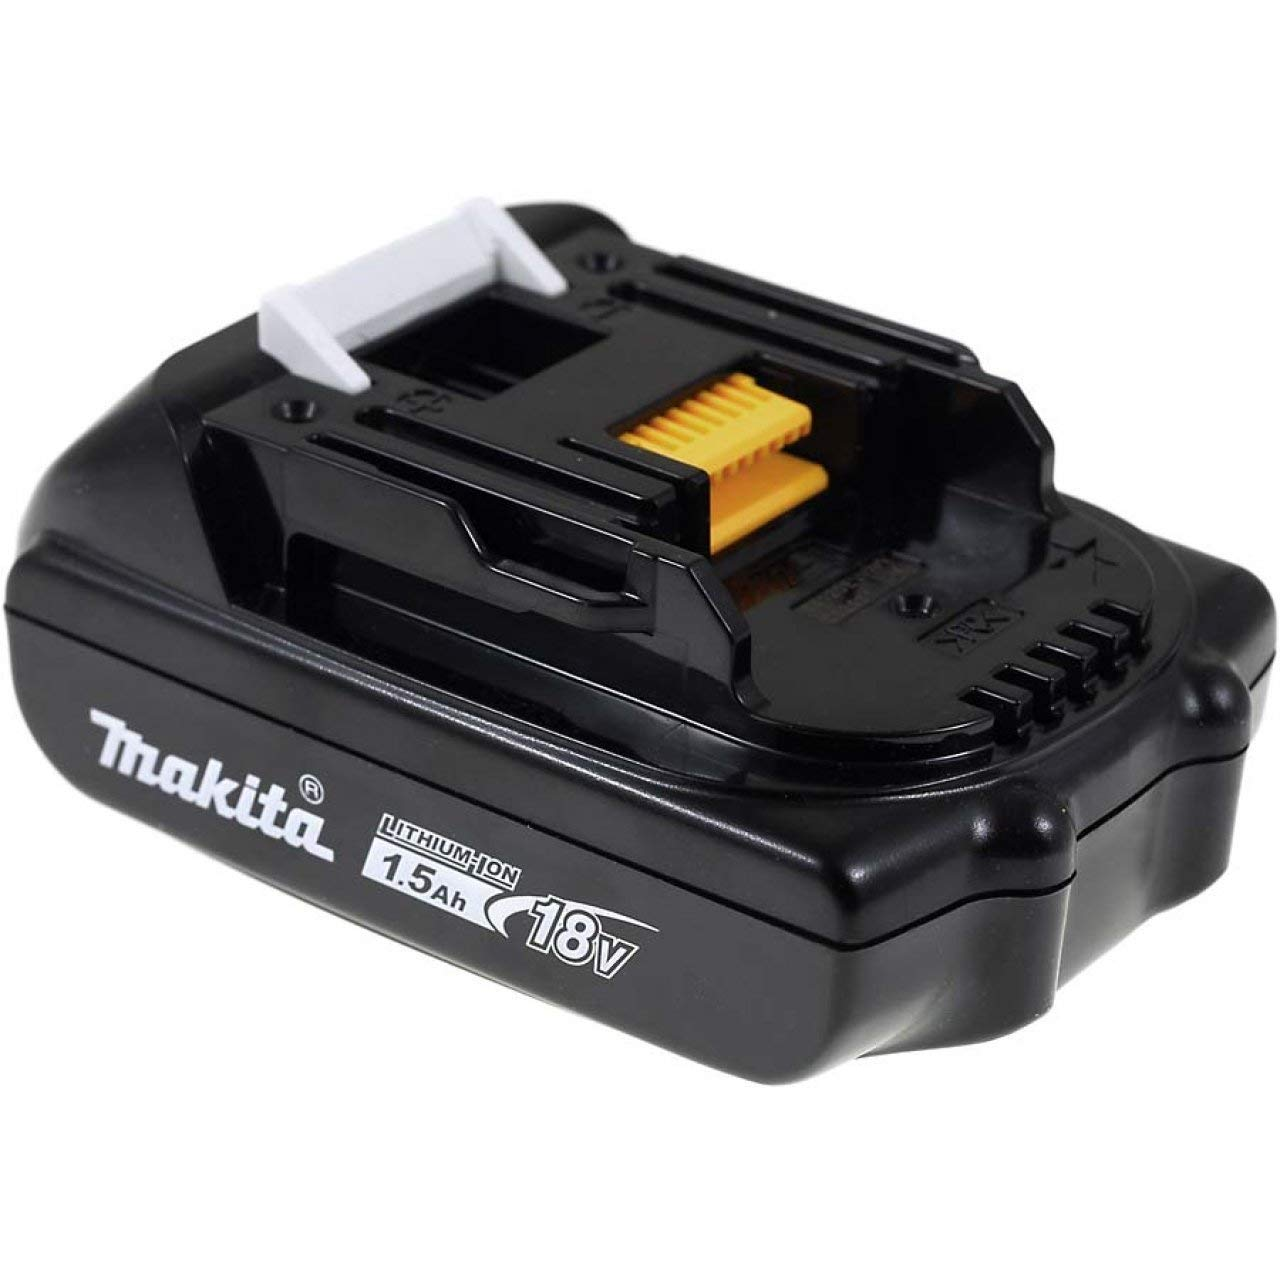 confortevole Batteria per Makita Makita Makita tipo BL1815N originale  prezzo più economico